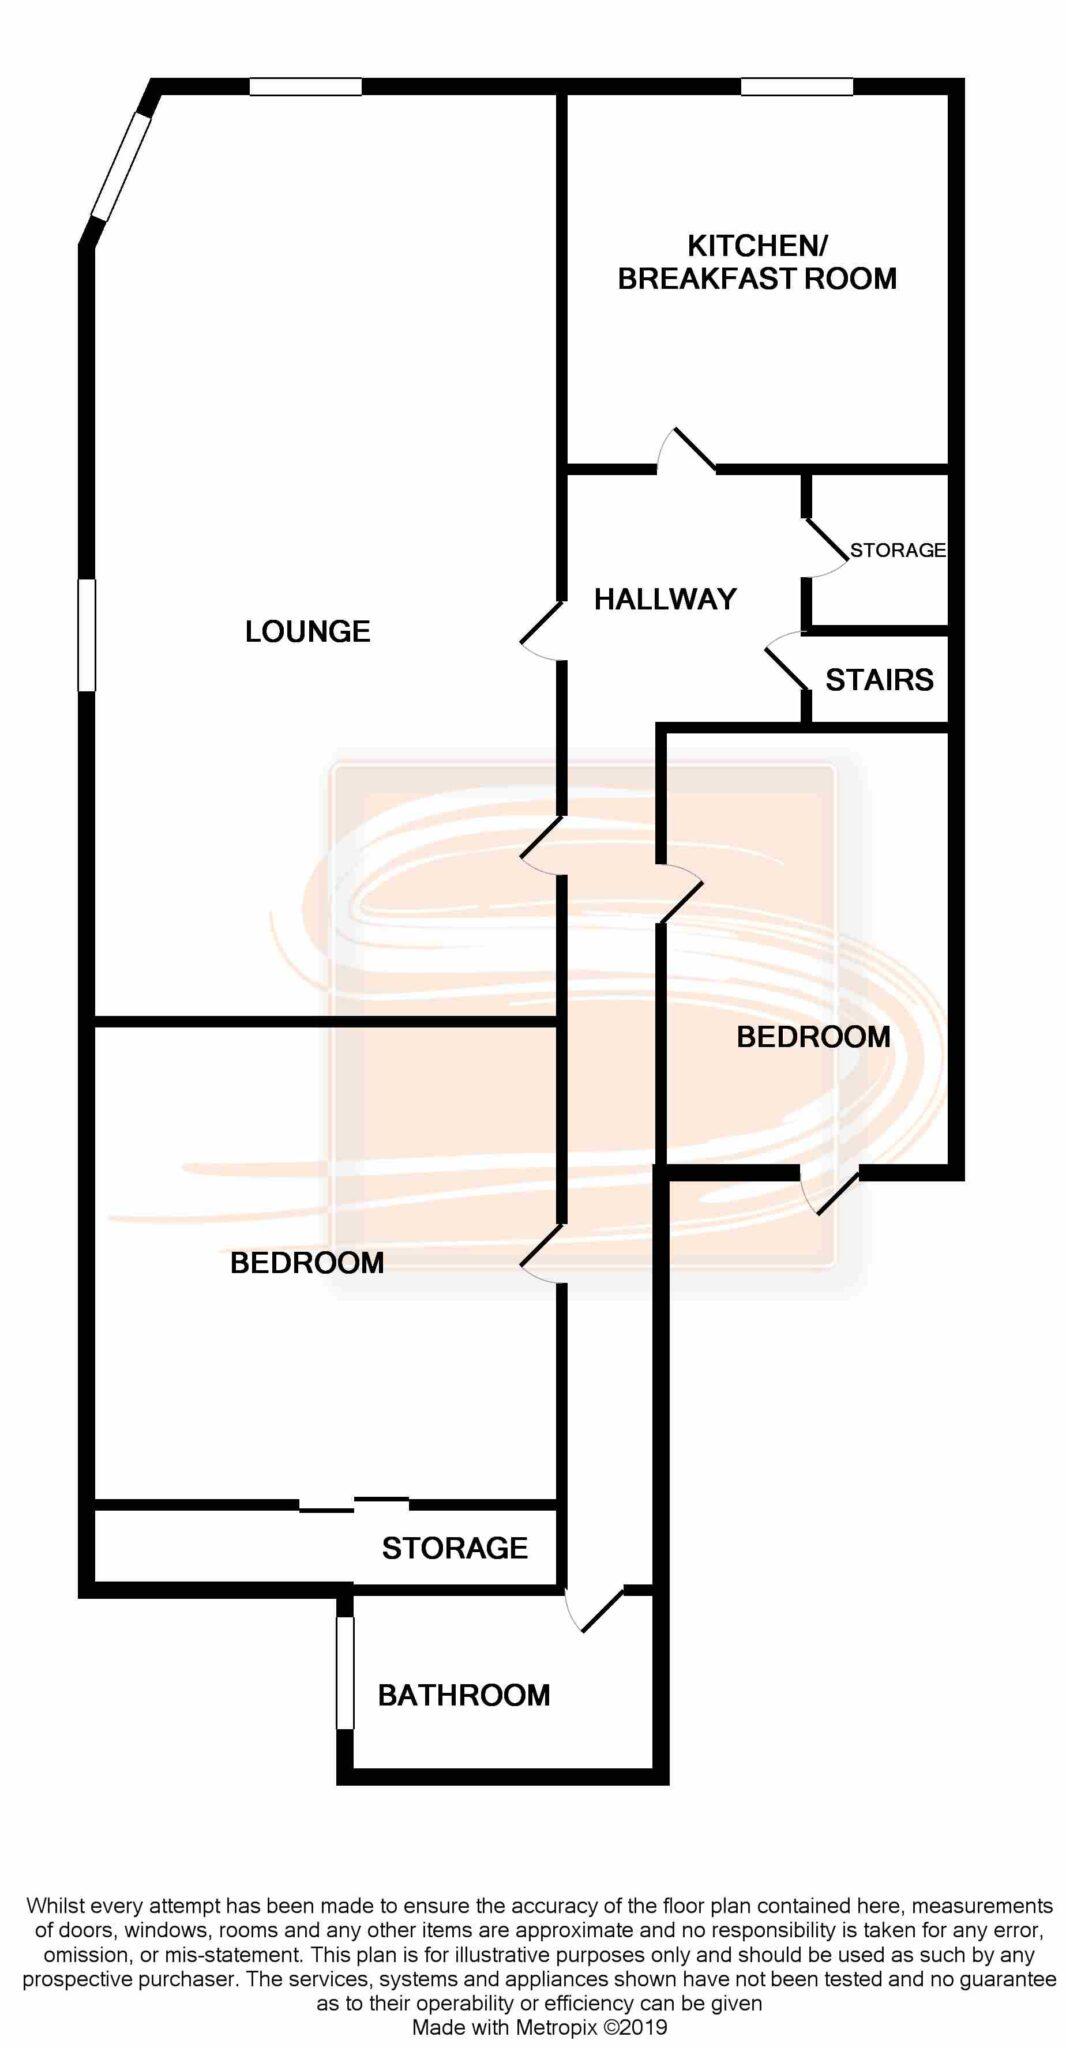 17 Seaview Place, Bo'ness,  EH51 0AJ